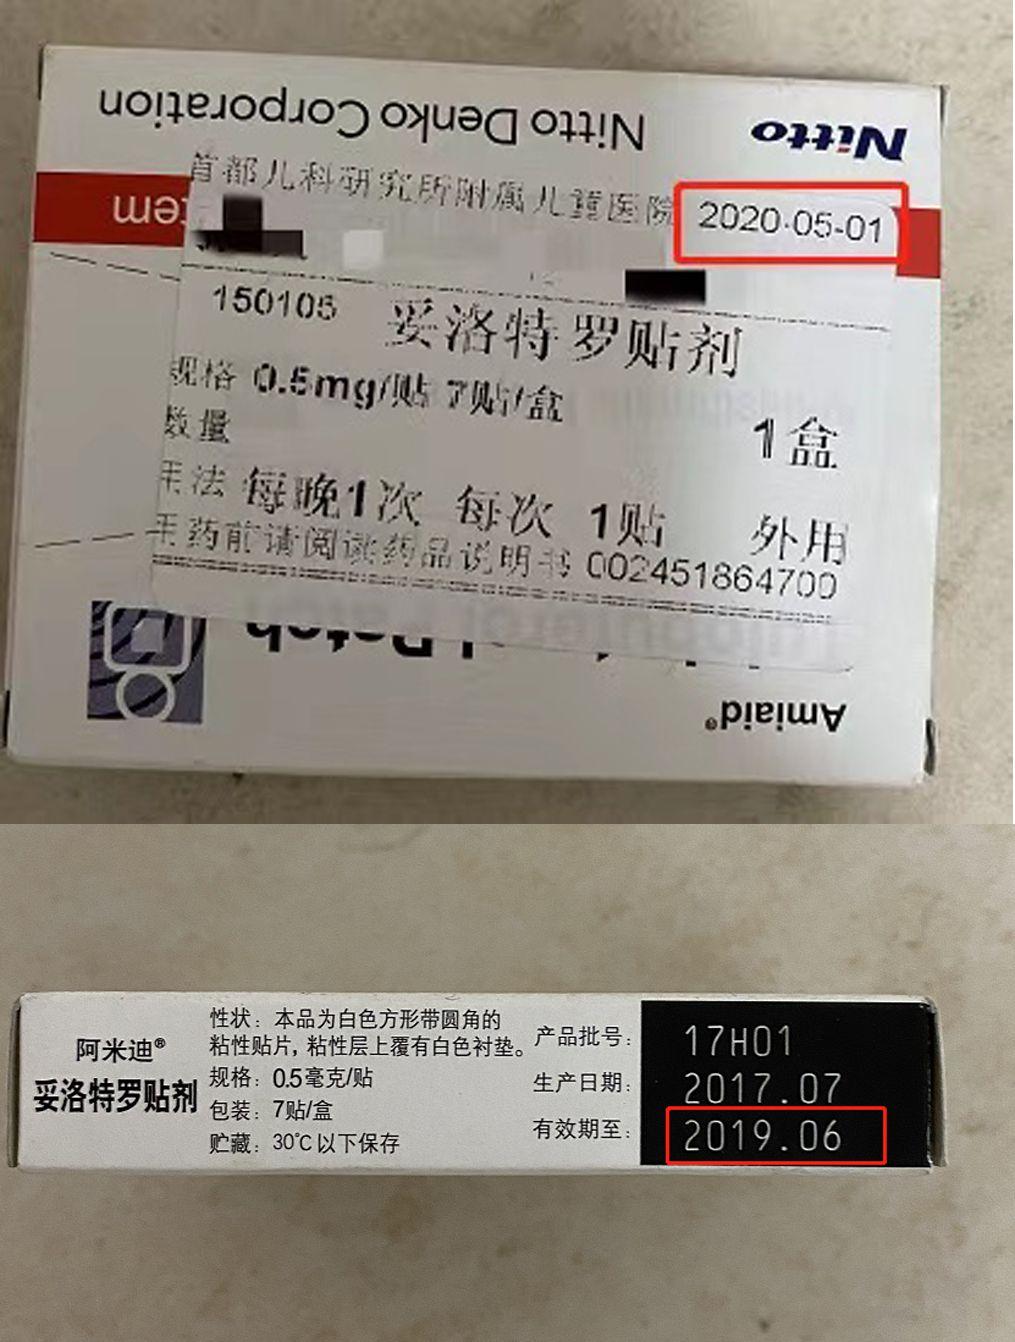 男童家长质疑北京一医院开过期药,院方称暂不能证明药品来源